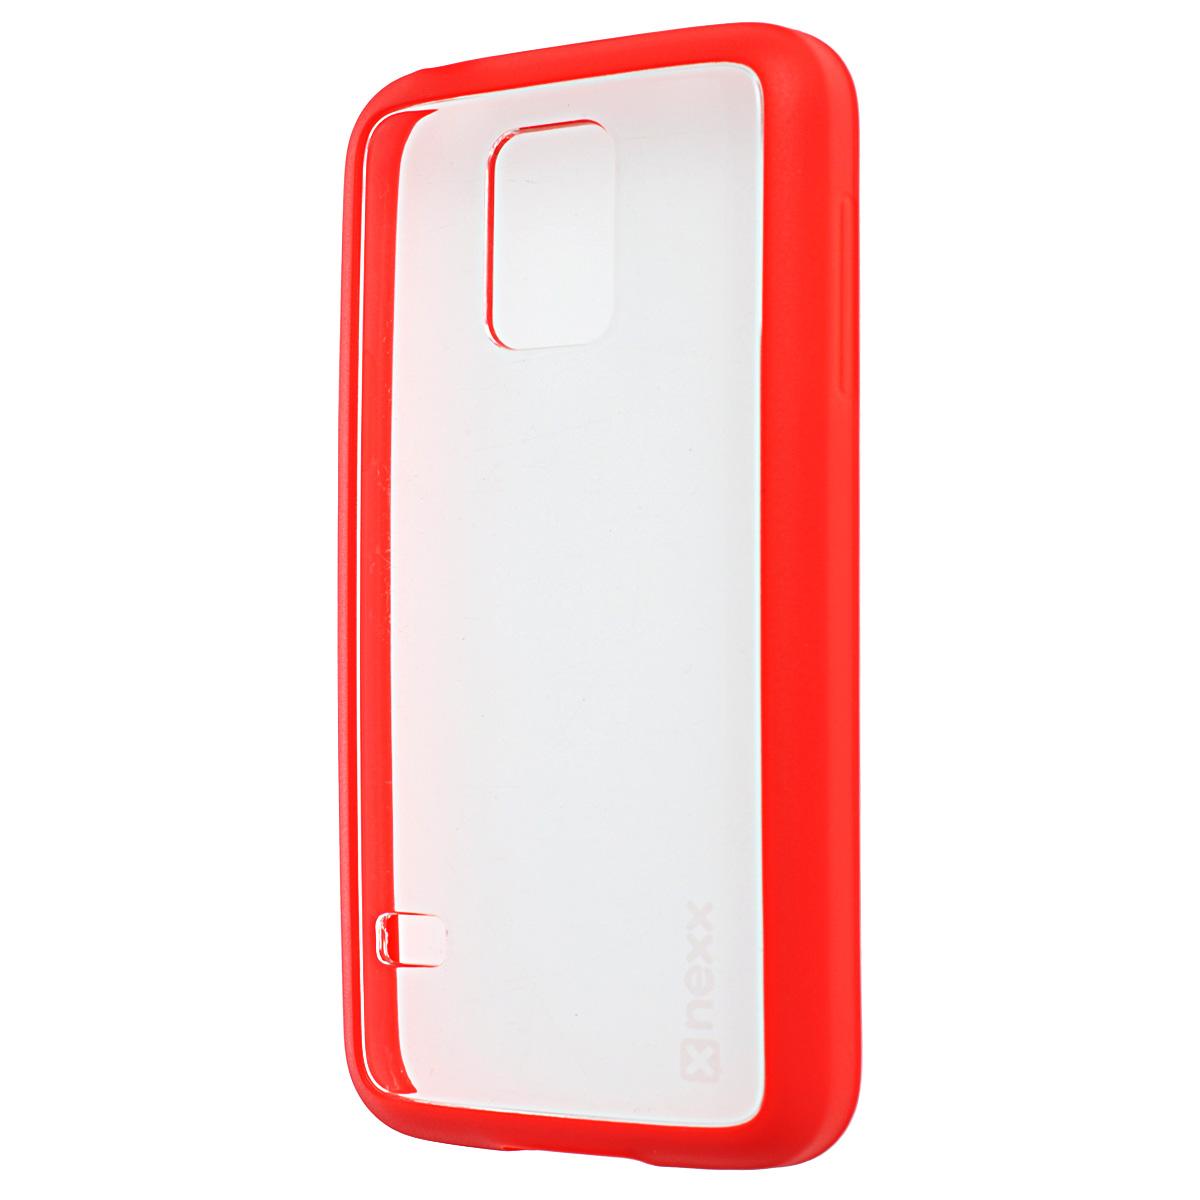 Nexx Zero чехол для Samsung Galaxy S5 mini, RedNX-MB-ZR-218-RDТонкий прозрачный чехол Nexx Zero для Samsung Galaxy S5 mini. Дизайн разработан специально для тех, кто стремится сохранить индивидуальность своего смартфона и обеспечить ему достойную защиту. Тонкий, почти невесомый чехол станет неотъемлемой частью вашего телефона, а насыщенные цвета сделают ваш образ по- летнему ярким.